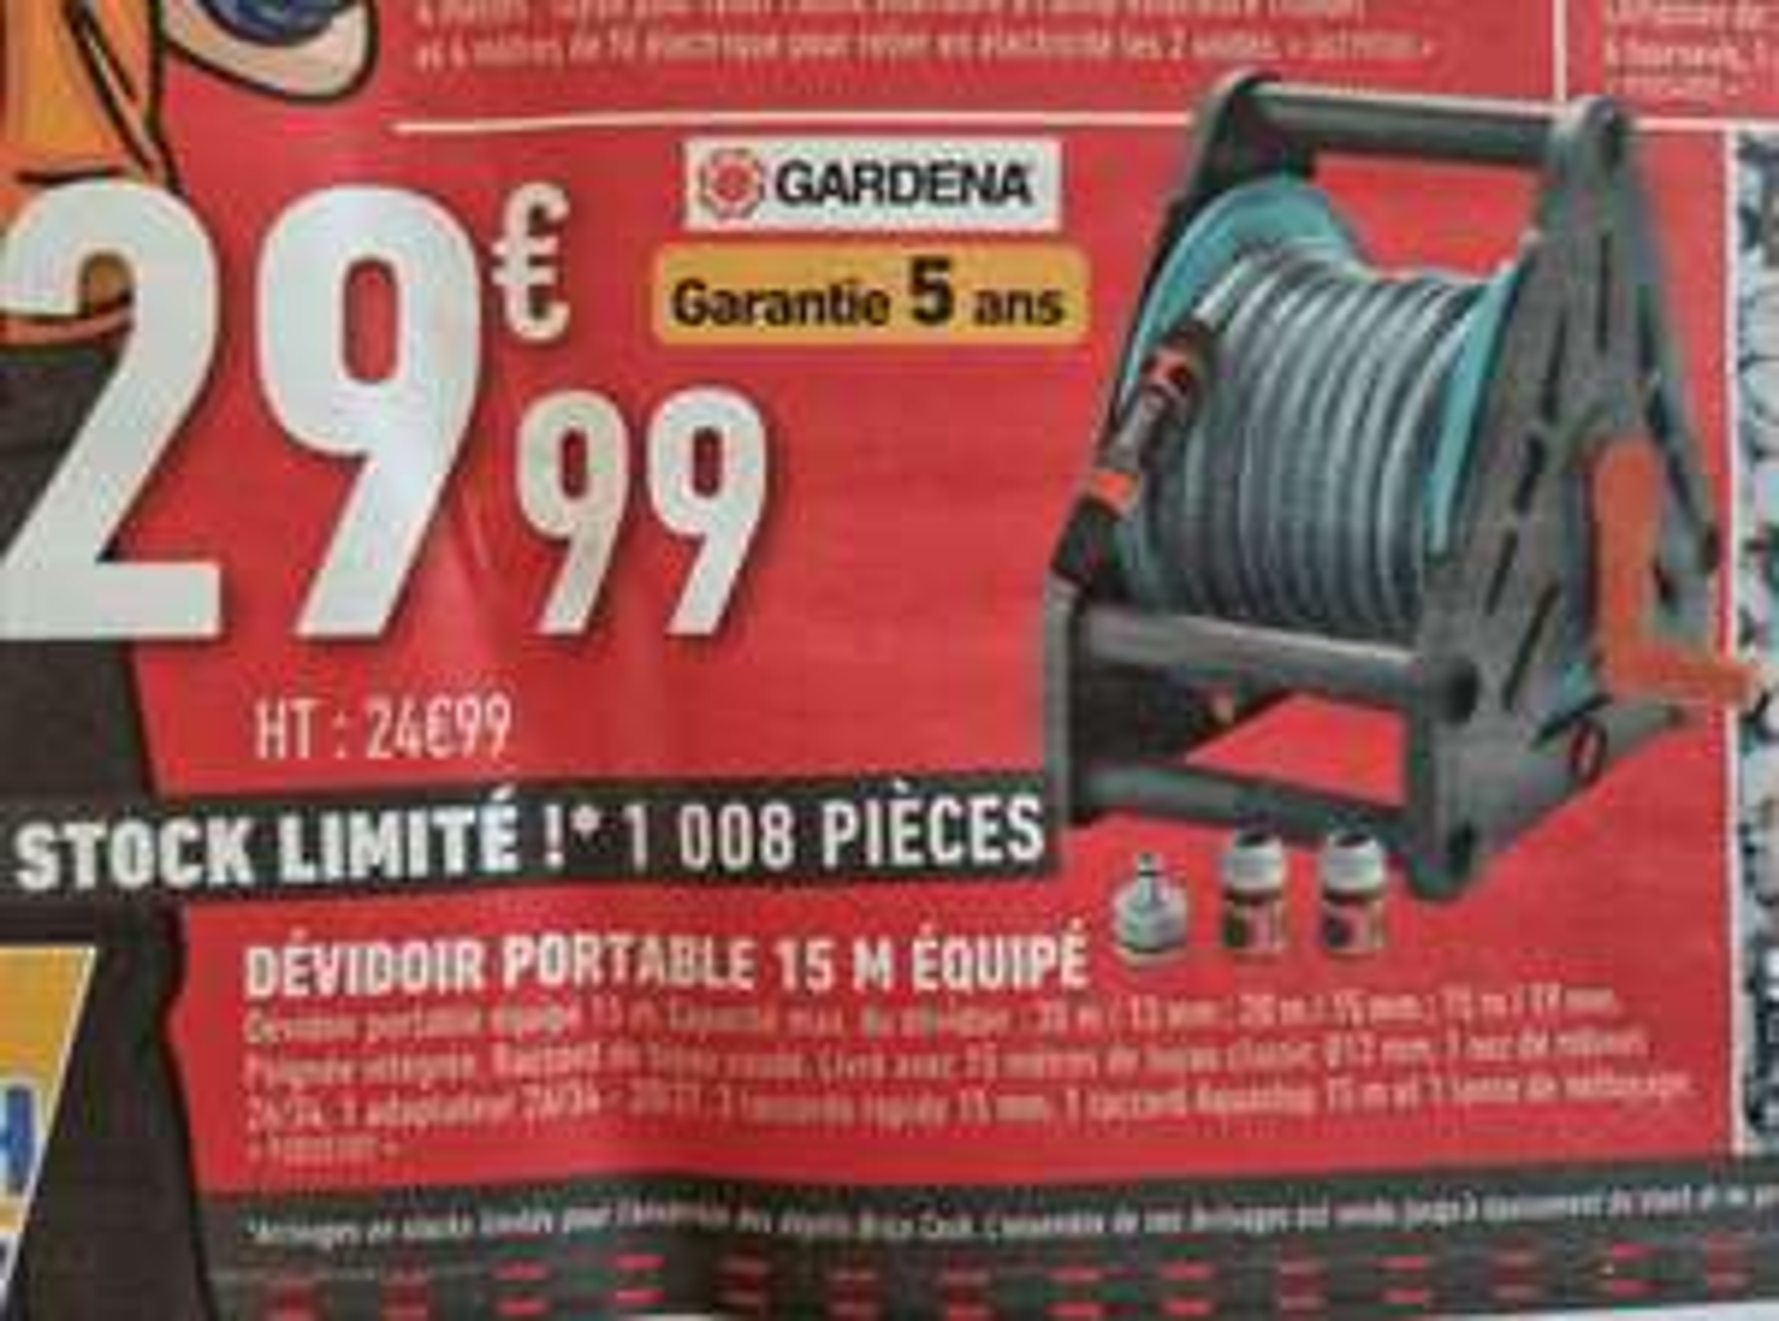 Dévidoir portable Gardena - 15m